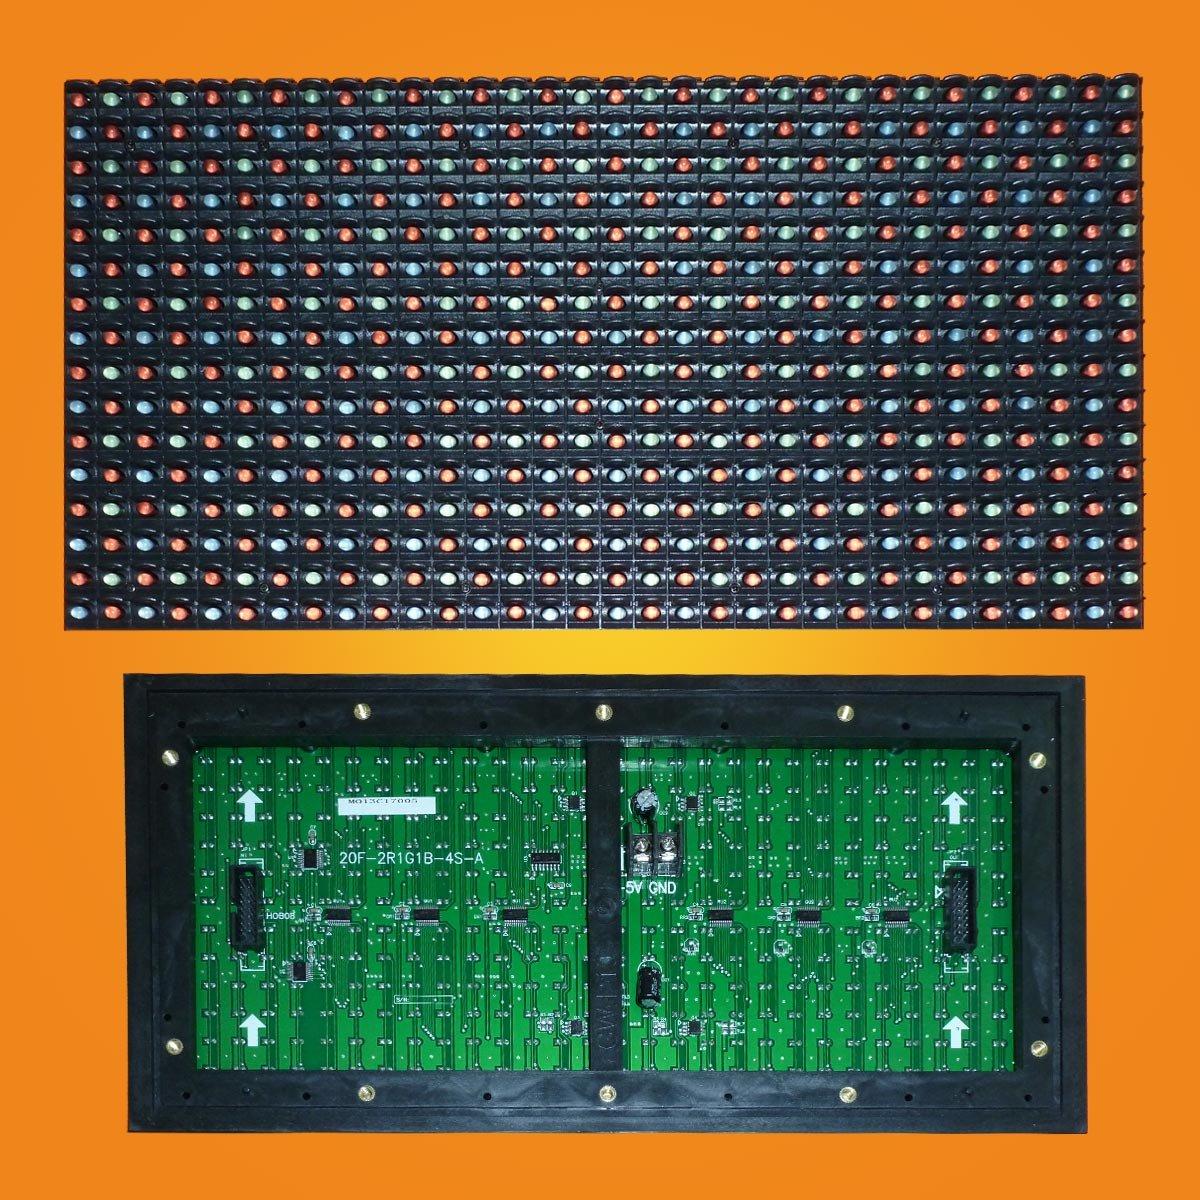 Led модуль полноцветный P20 (M10) 16*8 2R1G1B для наружного применения (outdoor).